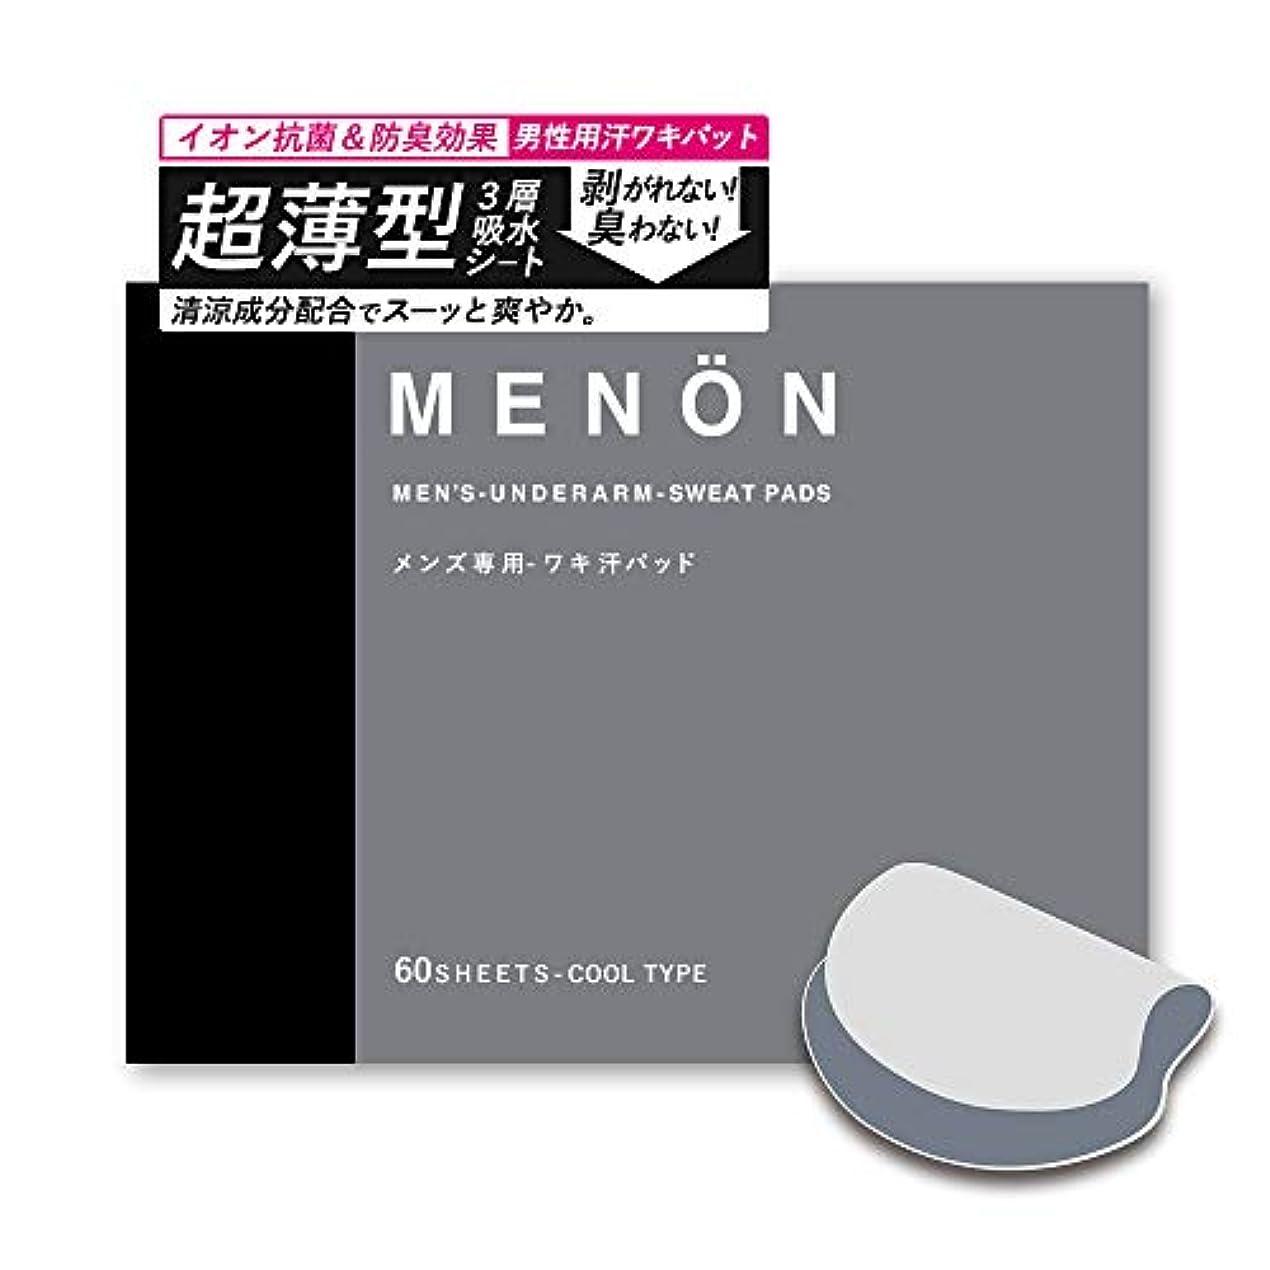 レッスン愛存在MENON 安心の日本製 脇汗パッド メンズ 使い捨て 汗取りパッド 大容量60枚 (30セット) 清涼成分配合 脇汗 男性用 ボディケア 汗ジミ?臭い予防に パッド シール メノン